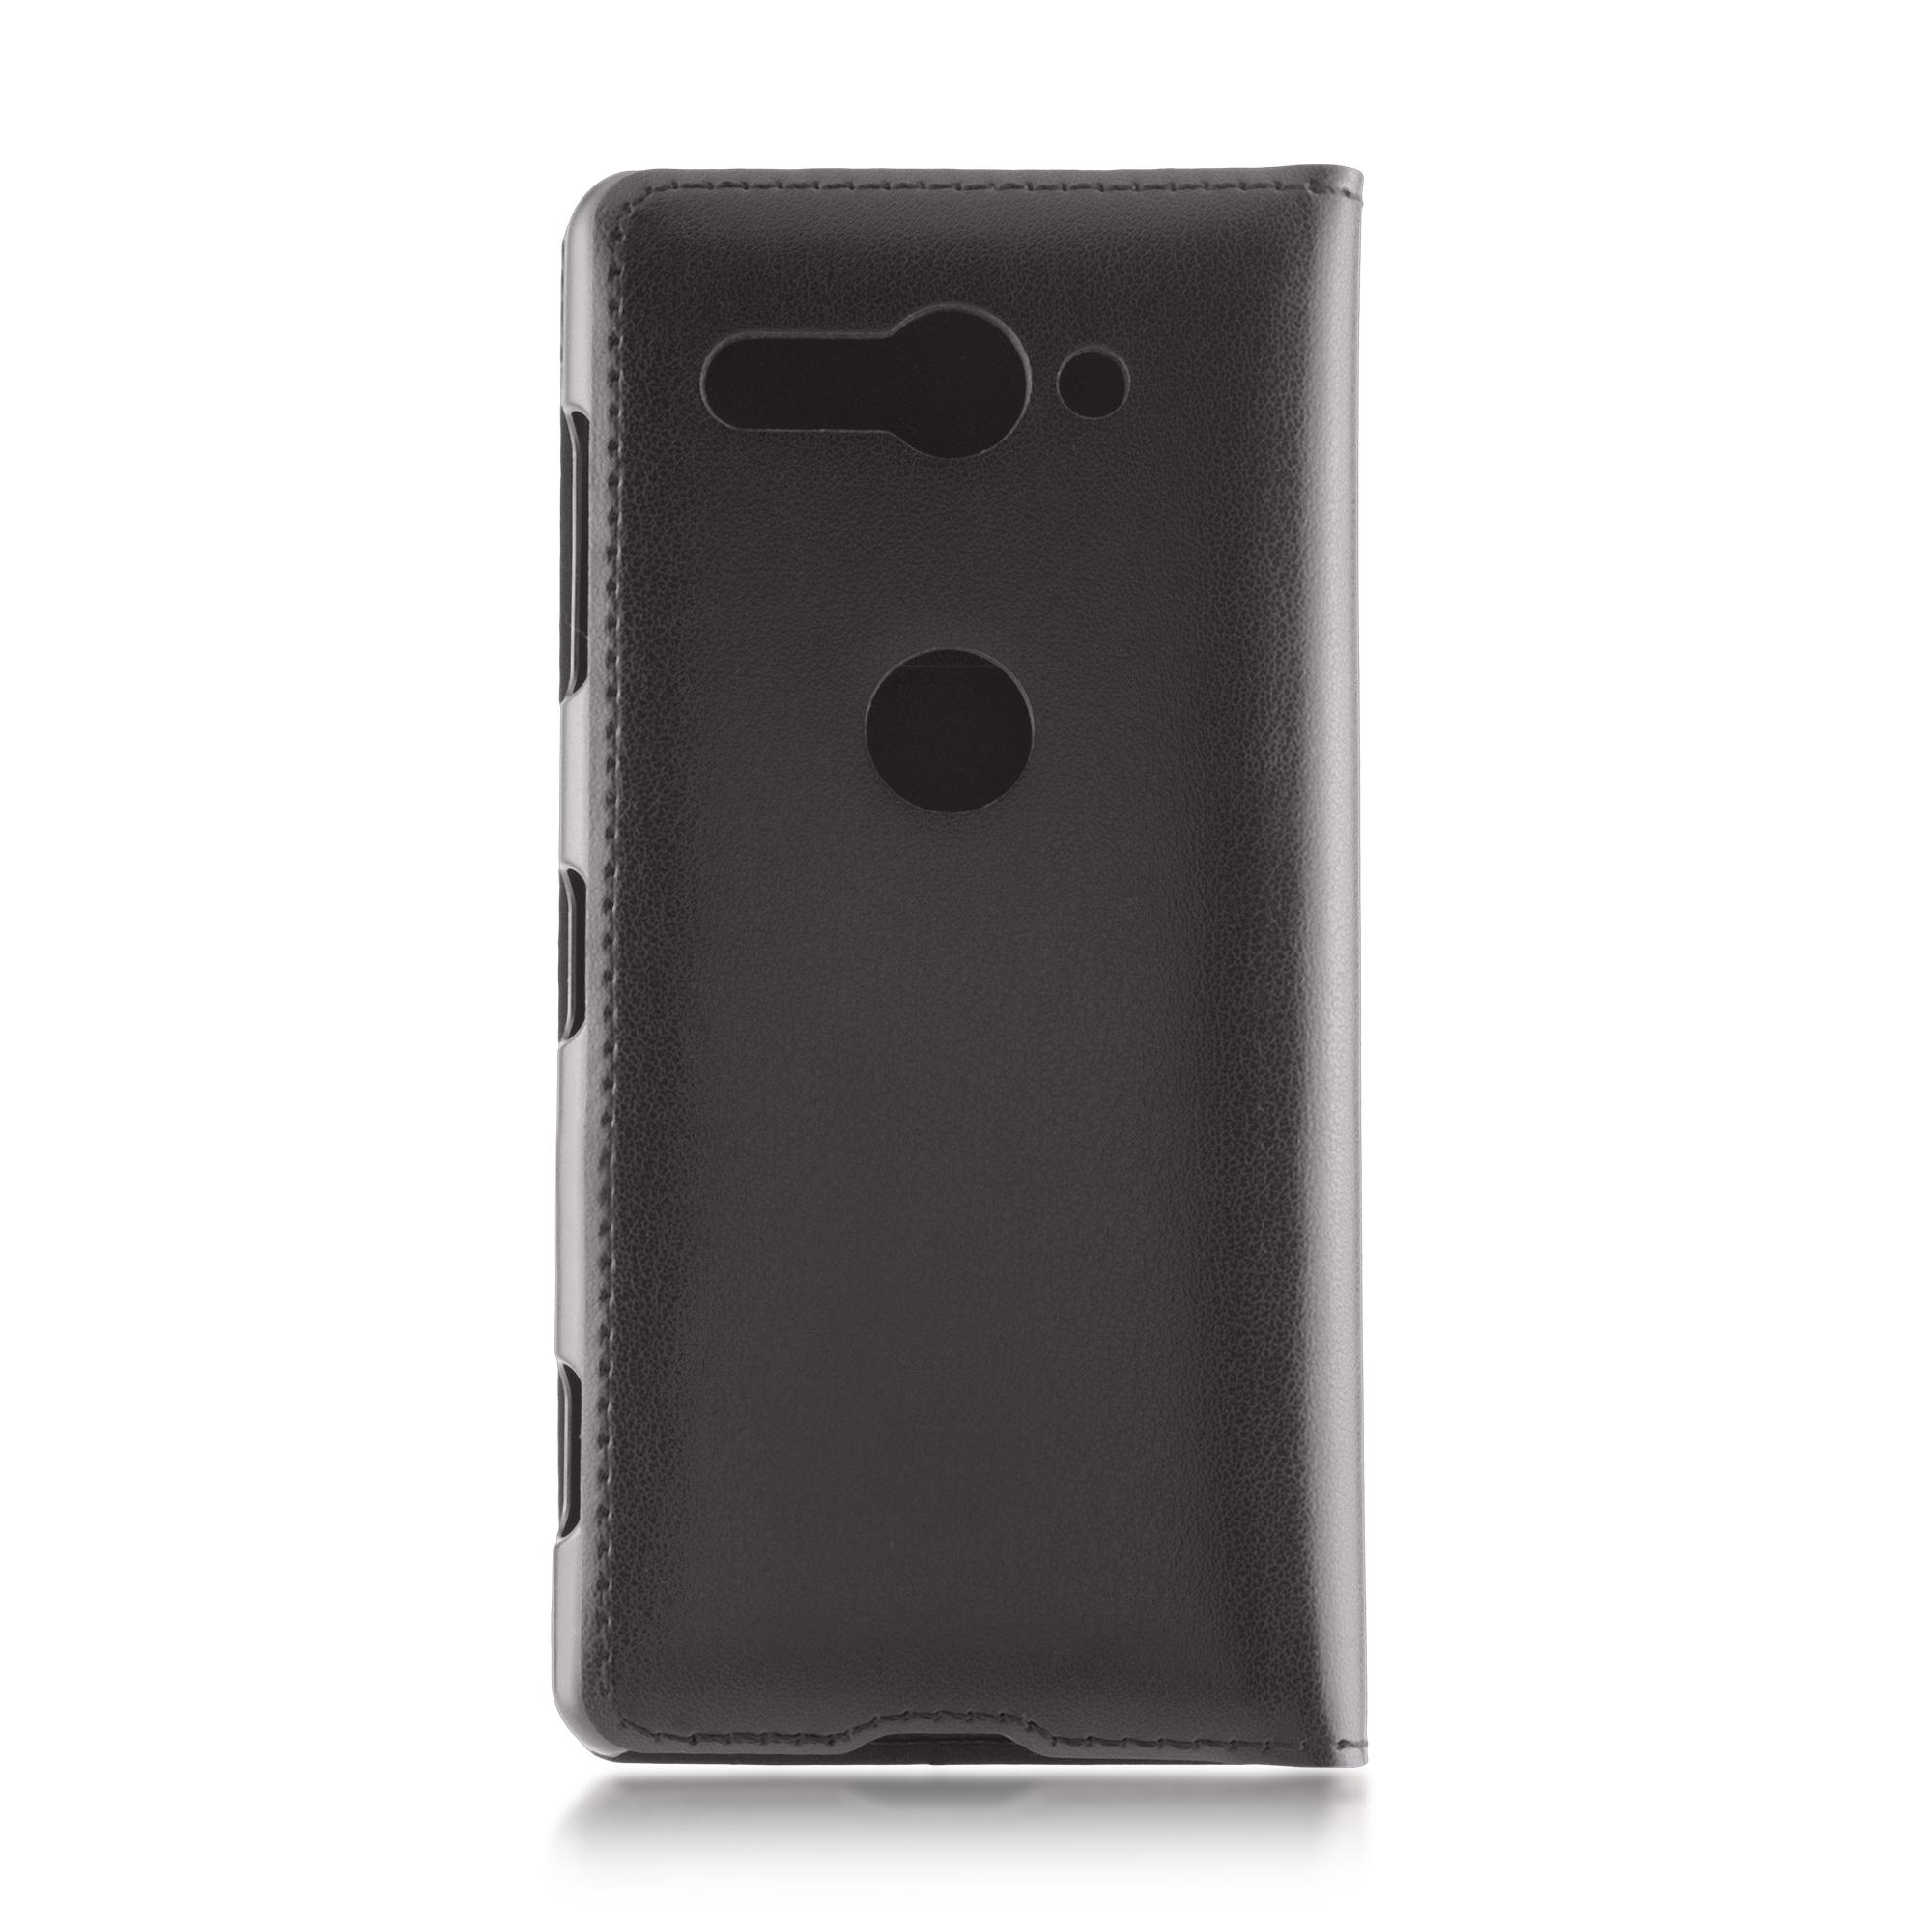 Чехол-книжка для Xperia XZ2 Compact чёрного цвета в Sony Centre Воронеж